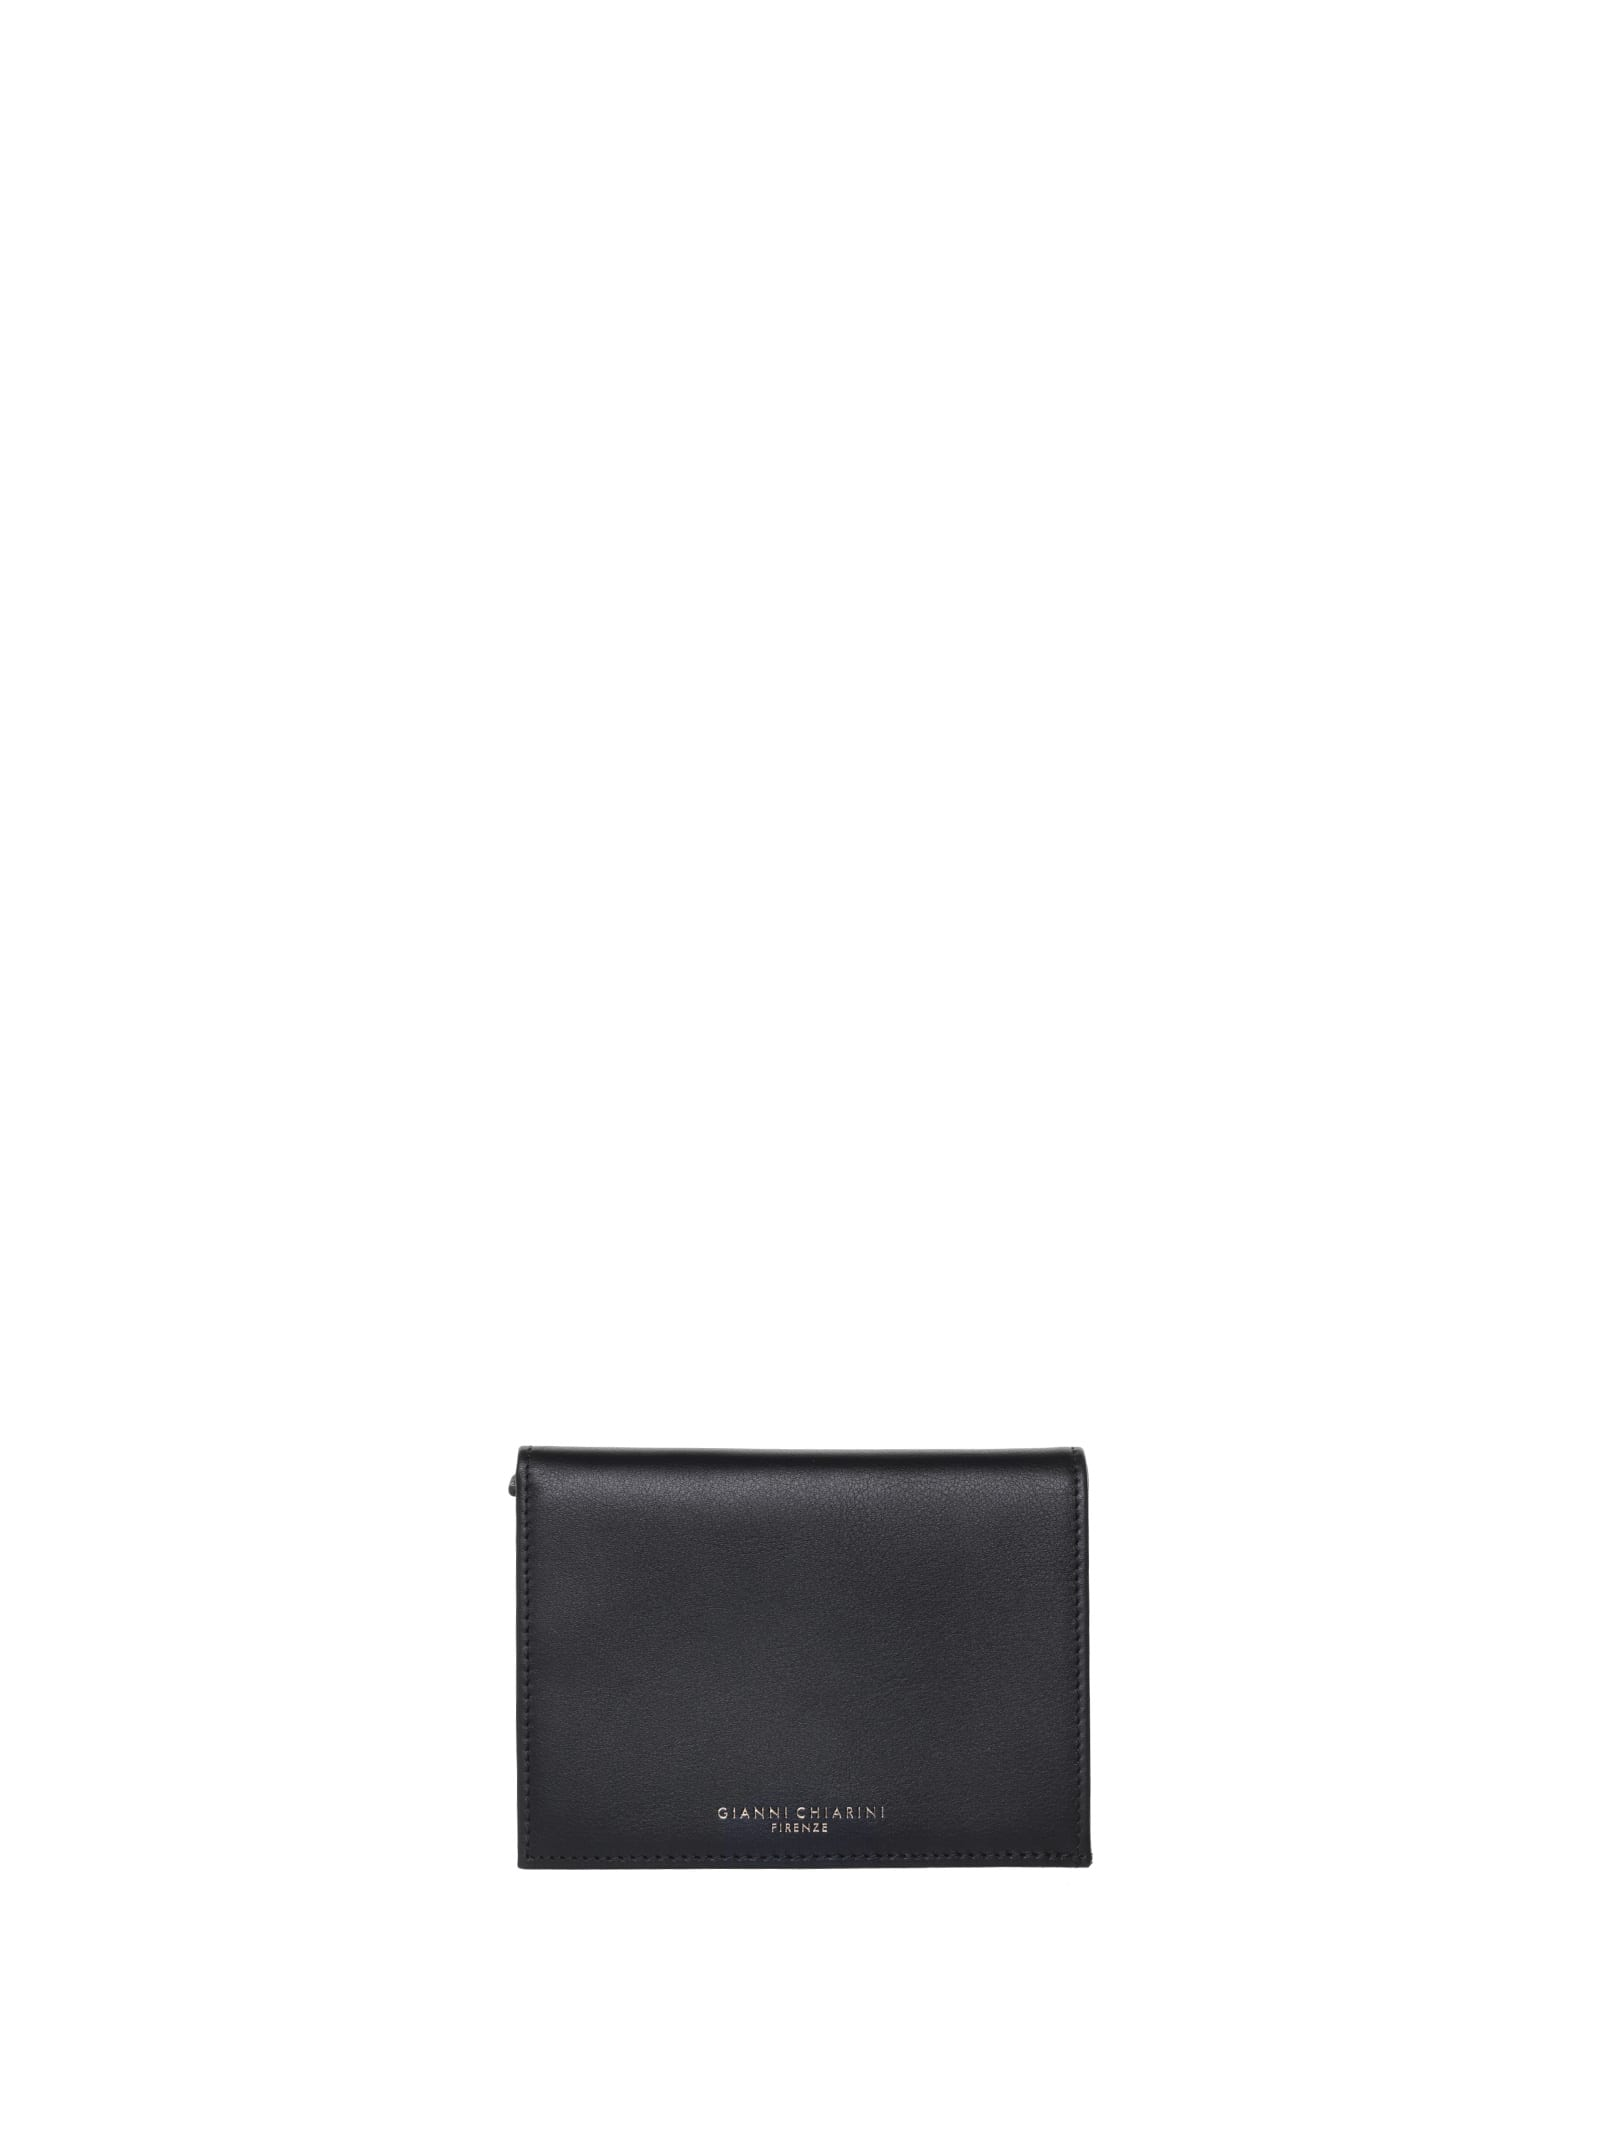 Gianni Chiarini Wallet